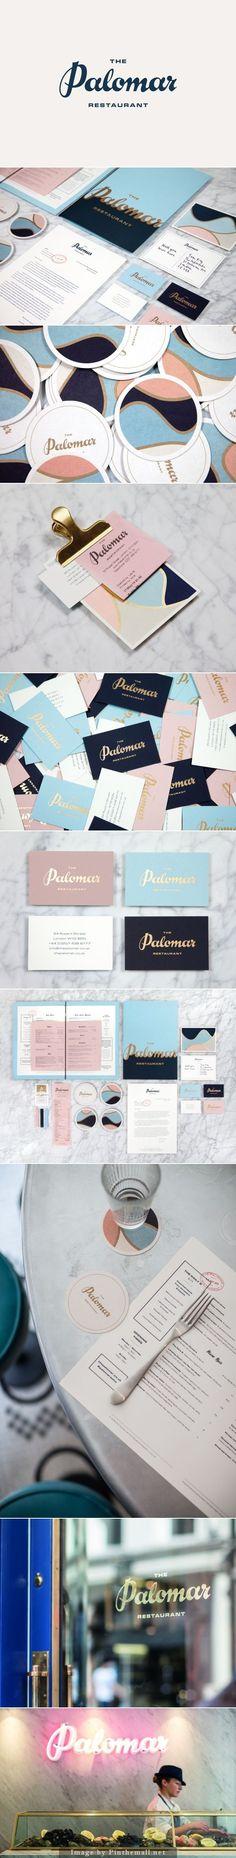 Corporate Design für Restaurant The Palomar / Goldprägung